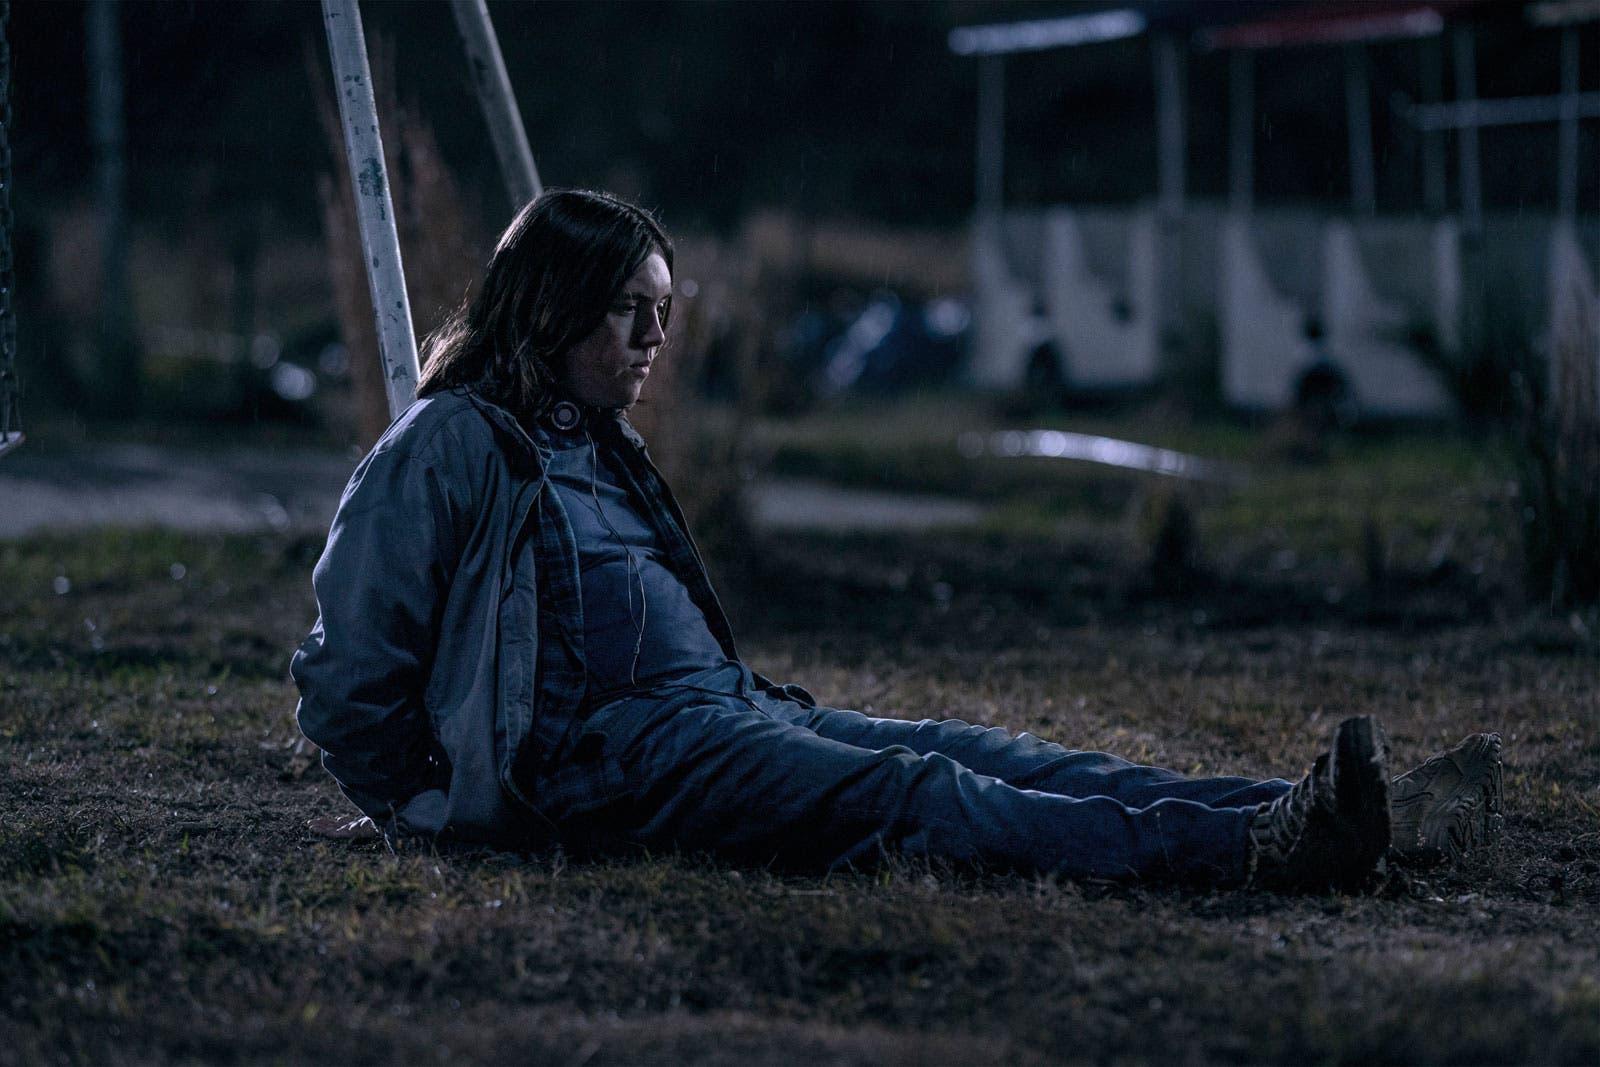 Silas atado a un poste a la espera del veredicto del grupo en el episodio 1x08 de The Walking Dead: World Beyond